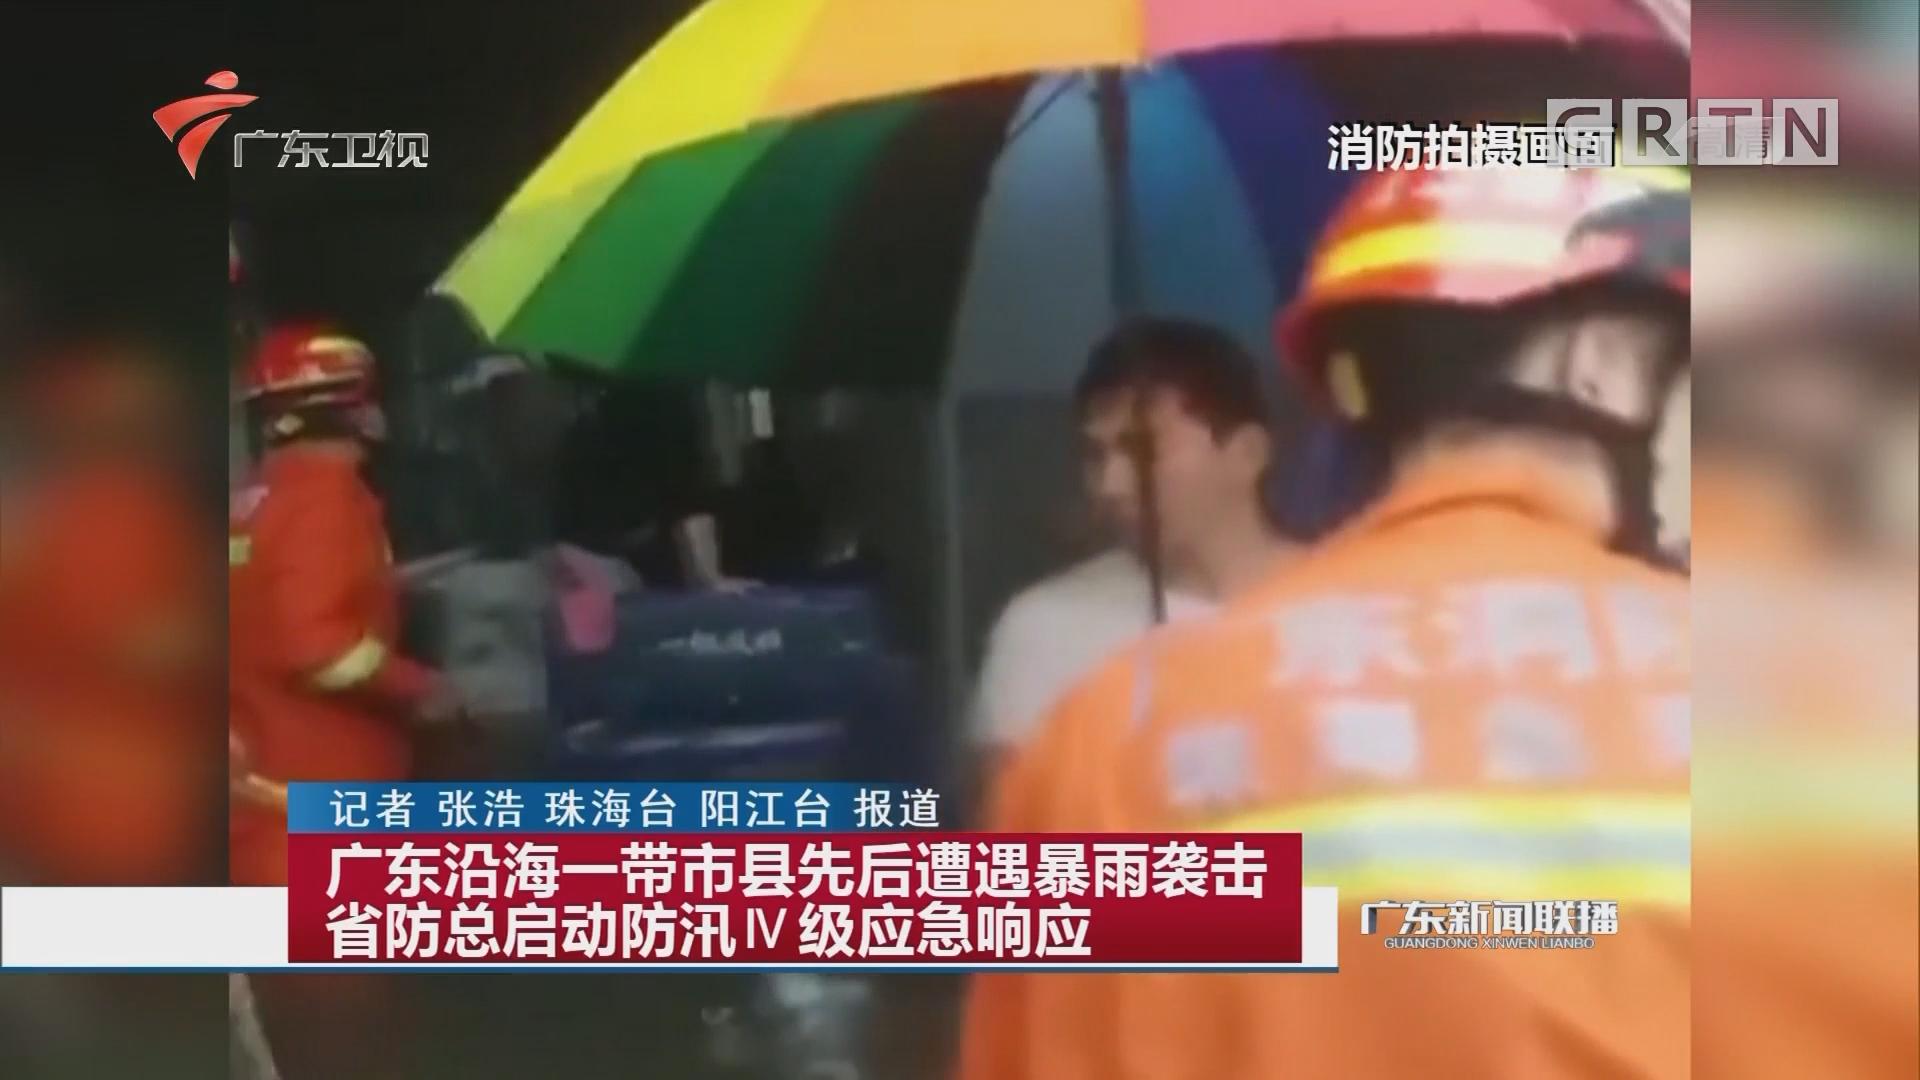 广东沿海一带市县先后遭遇暴雨袭击 省防总启动防汛IV级应急响应